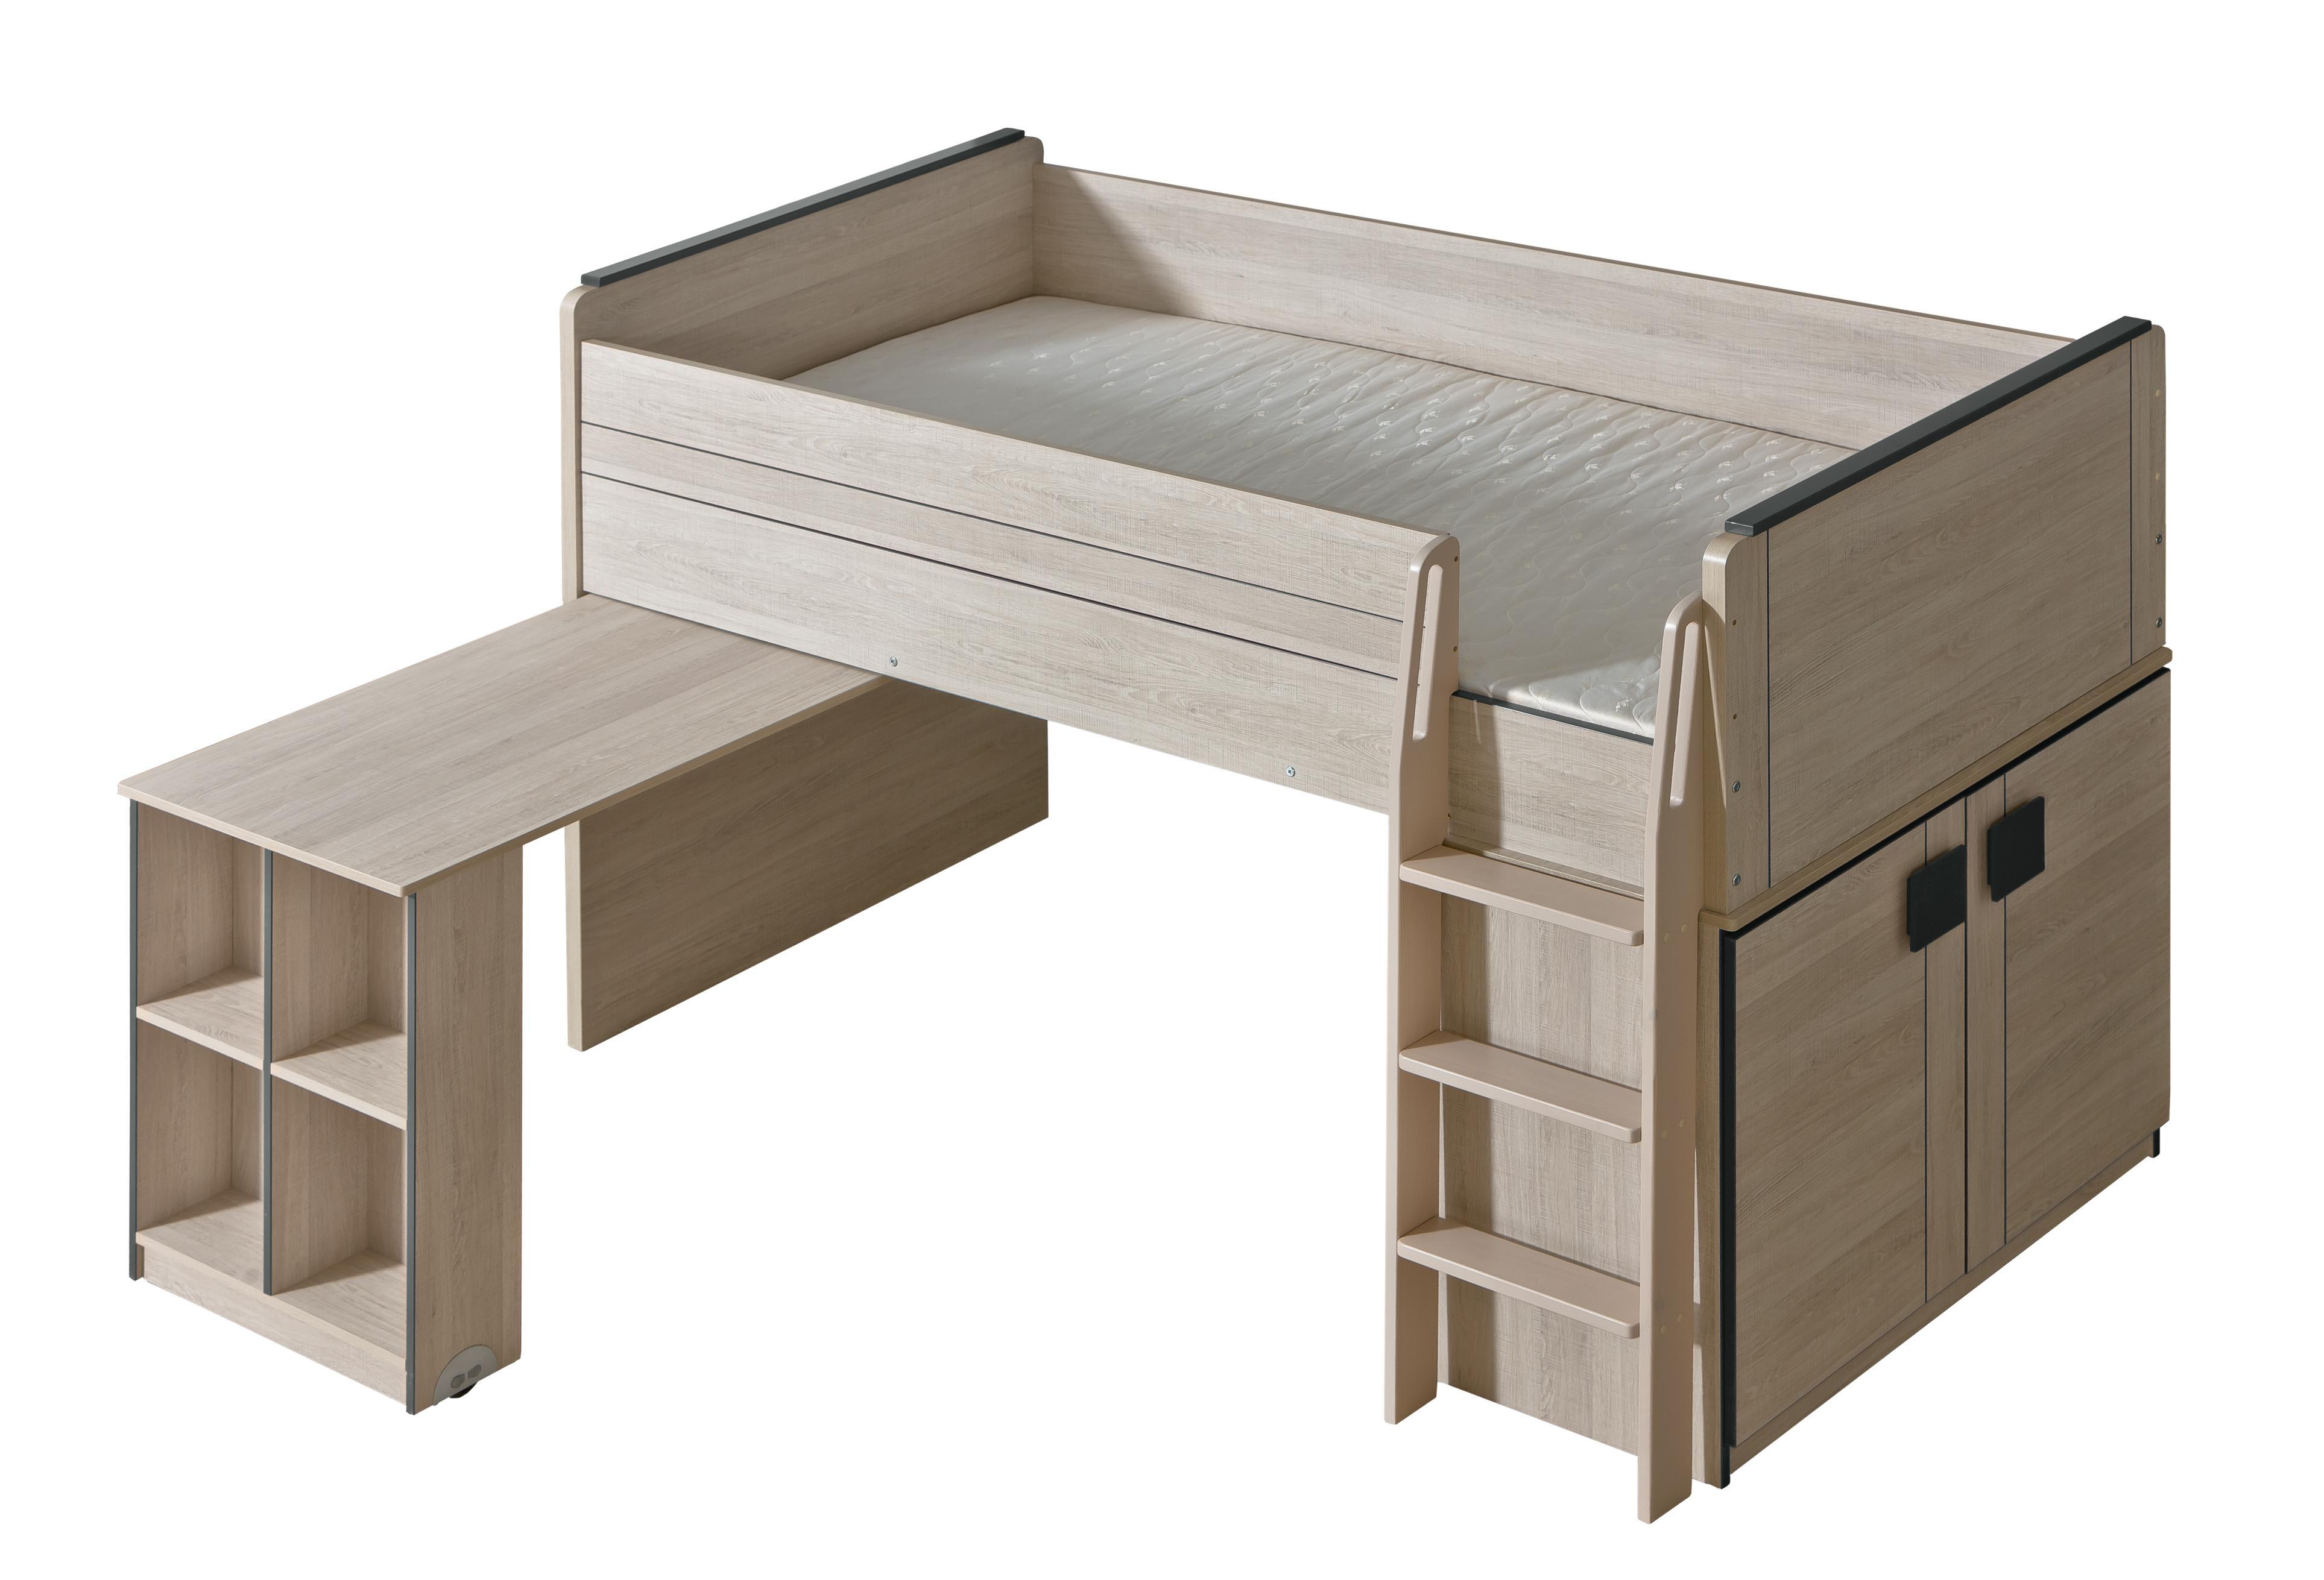 Poschodová posteľ 90 cm - Gemo - G15 (s roštom). Akcia -32%. Vlastná spoľahlivá doprava až k Vám domov.